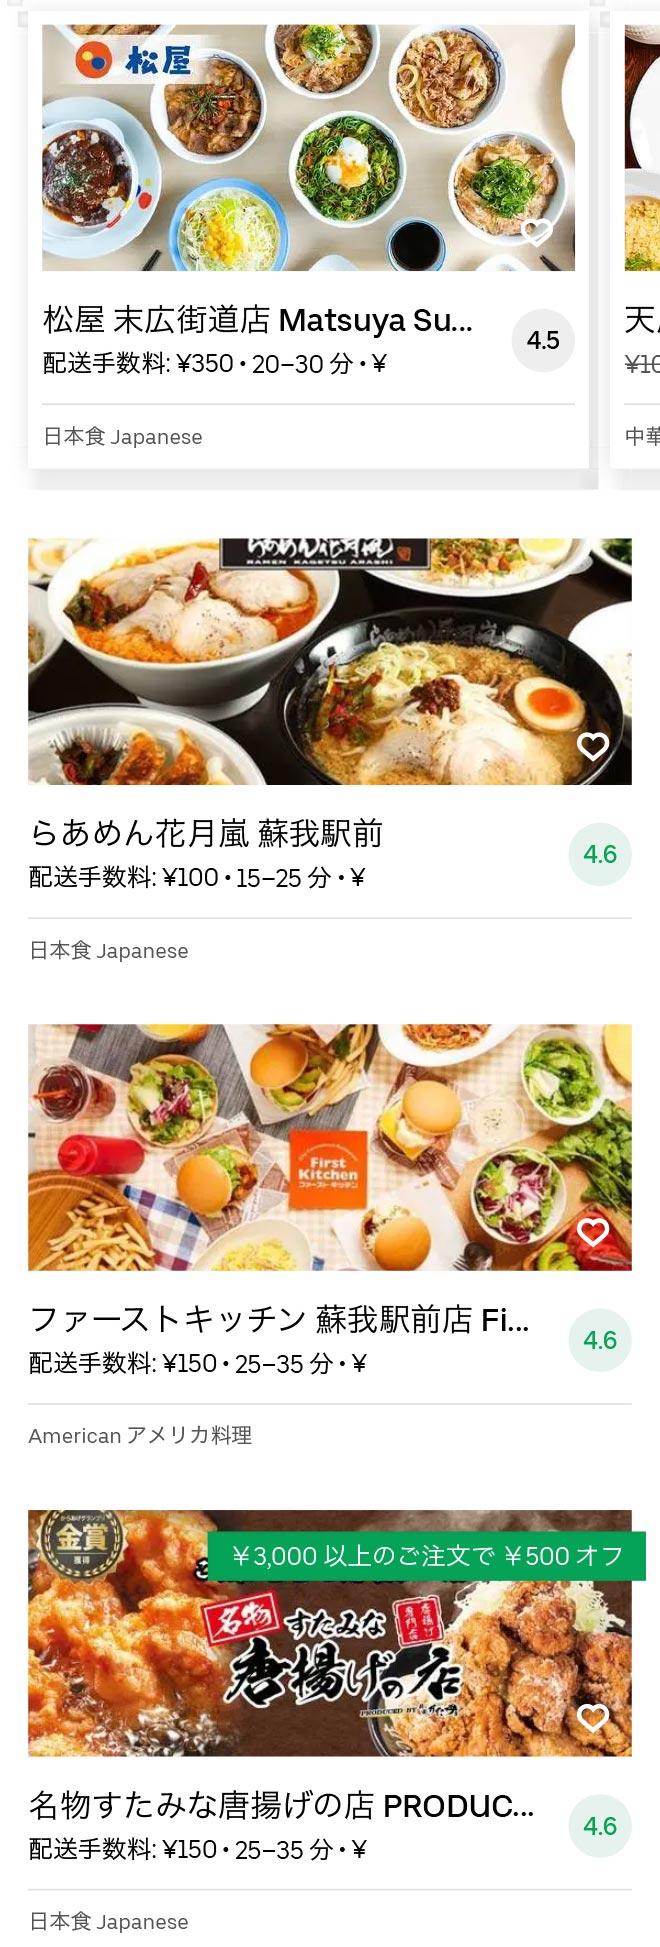 Soga menu 2010 03